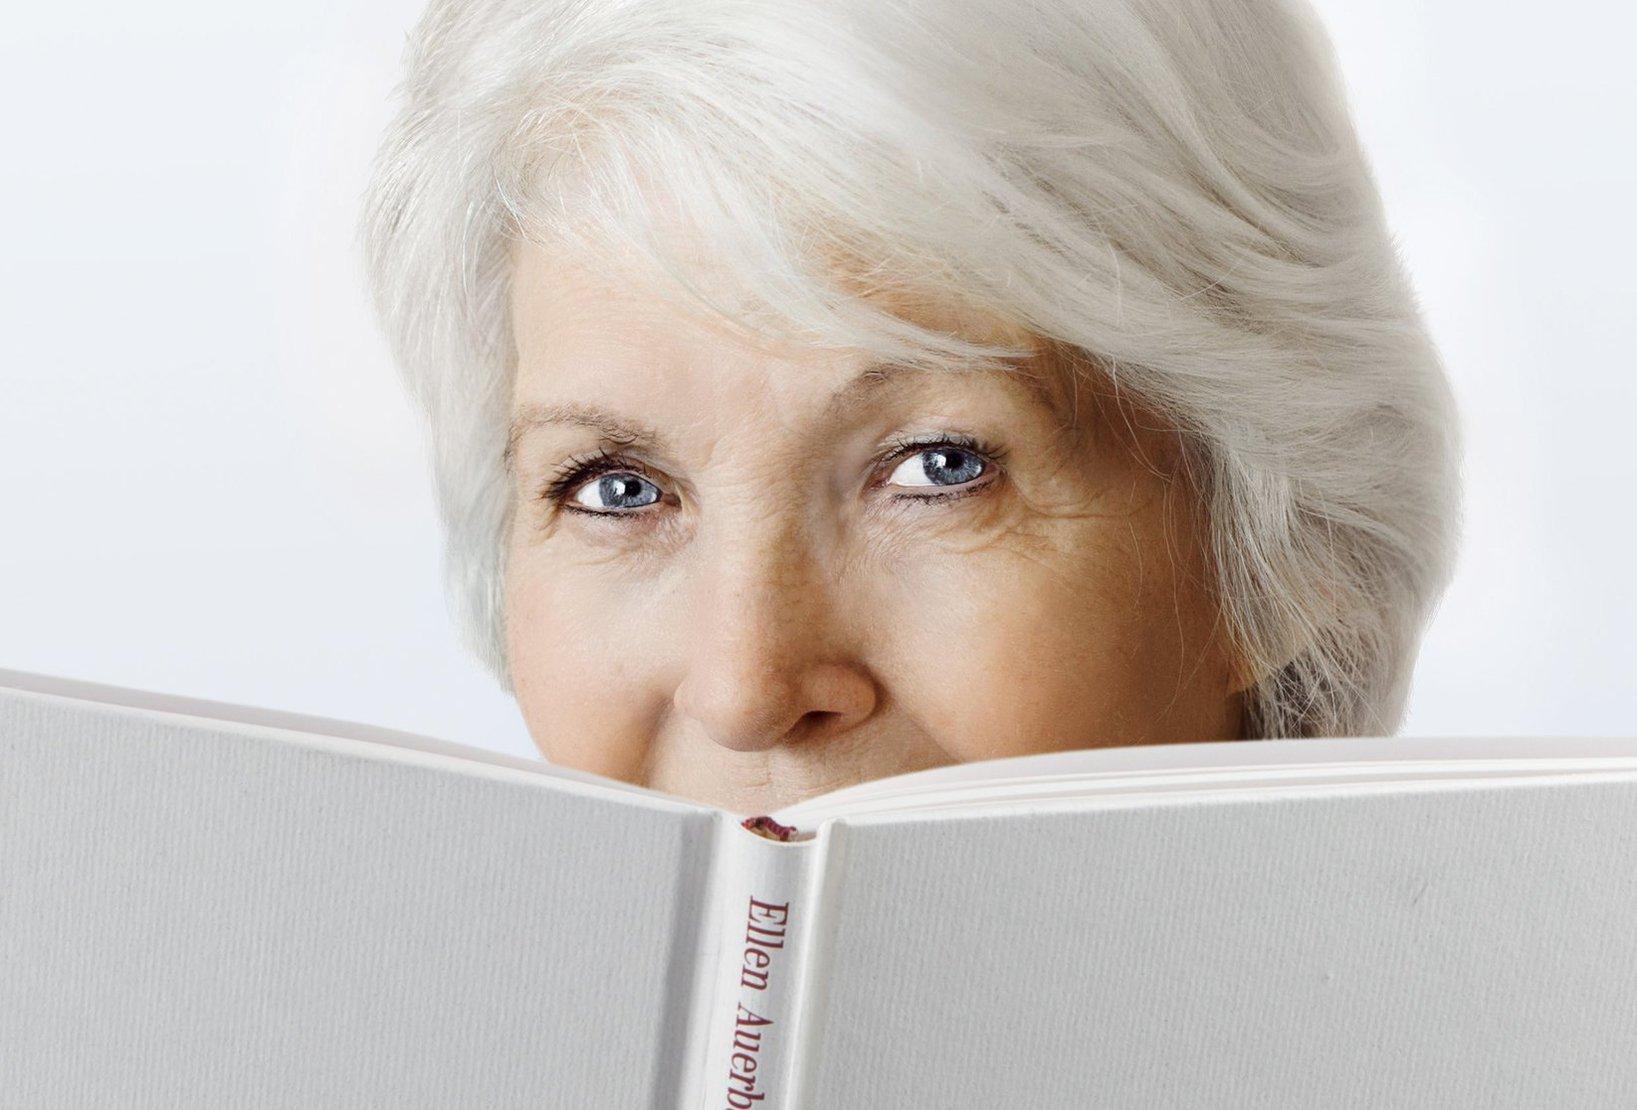 Gesunde Augen bis ins hohe Alter – dafür sollten wir laut Berufsverband der Augenärzte schon von Kindheit an vorsorgen. FOTOS: BERUFSVERBAND DER AUGENÄRZTE; BOB DMYT/PIXABAY.COM